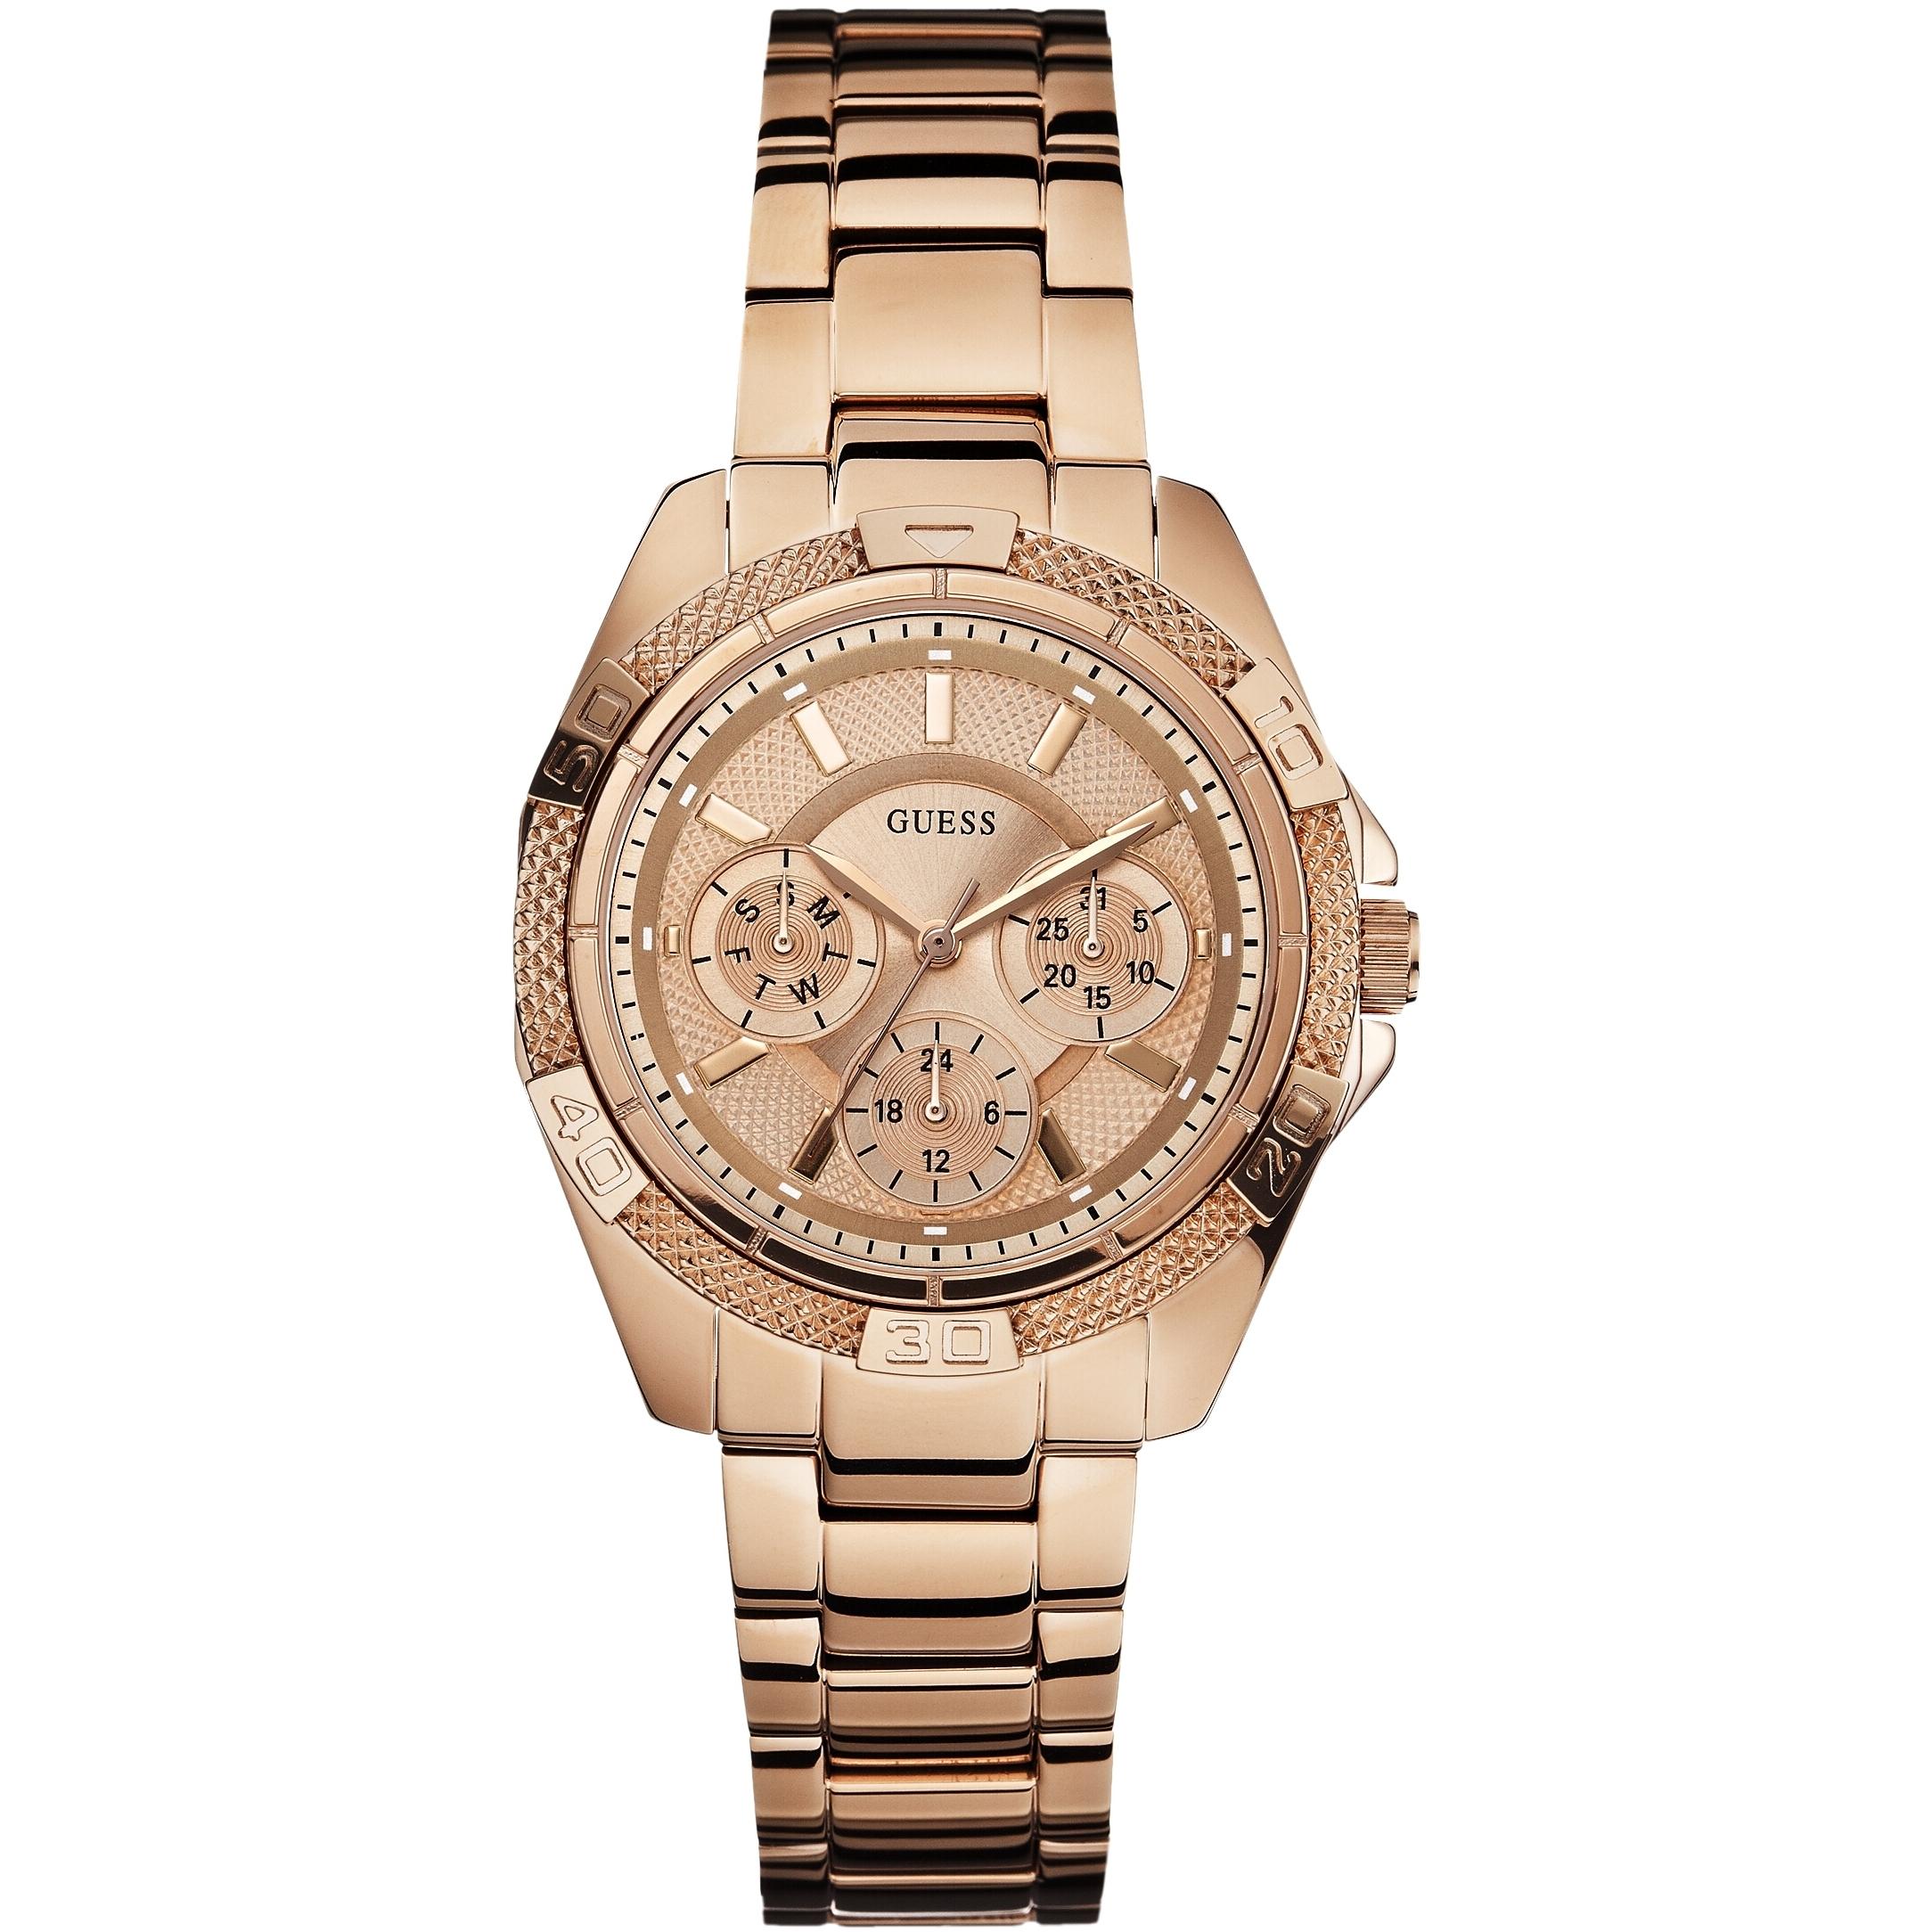 ساعت مچی عقربه ای زنانه گس مدل W0235L3